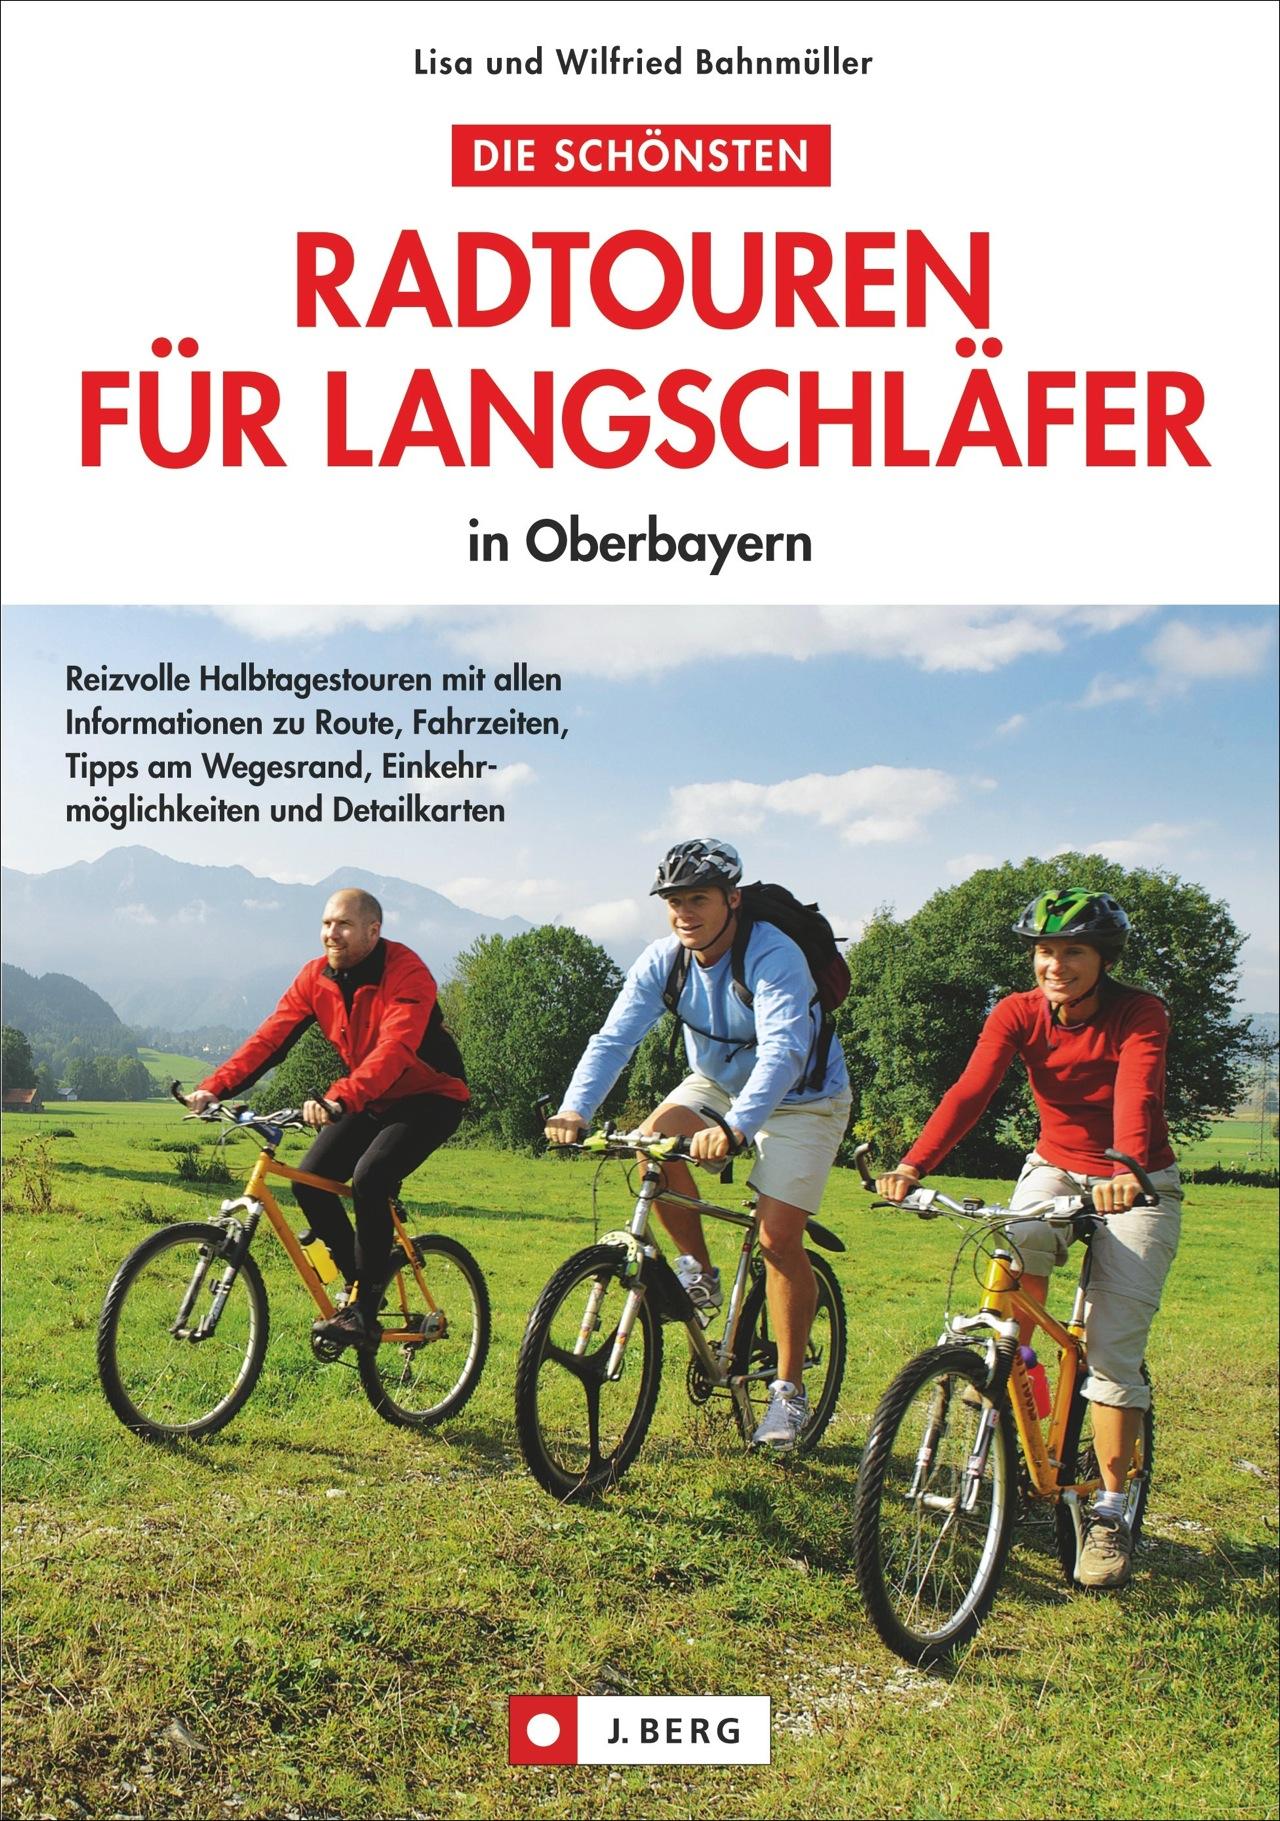 Die schönsten Radtouren für Langschläfer in Oberbayern Lisa Ba... 9783765842504